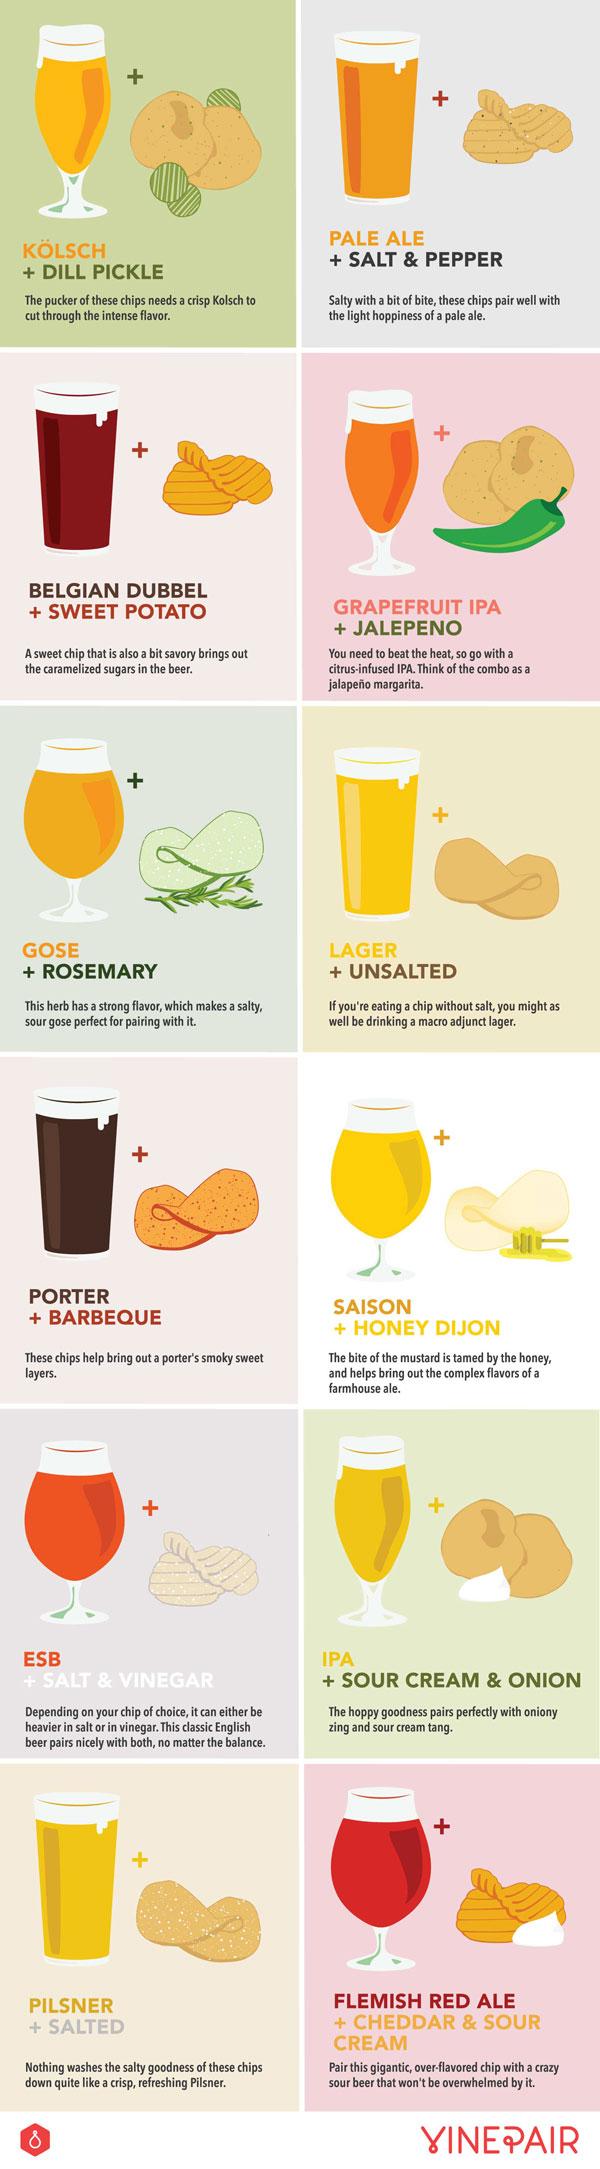 beer-pairings